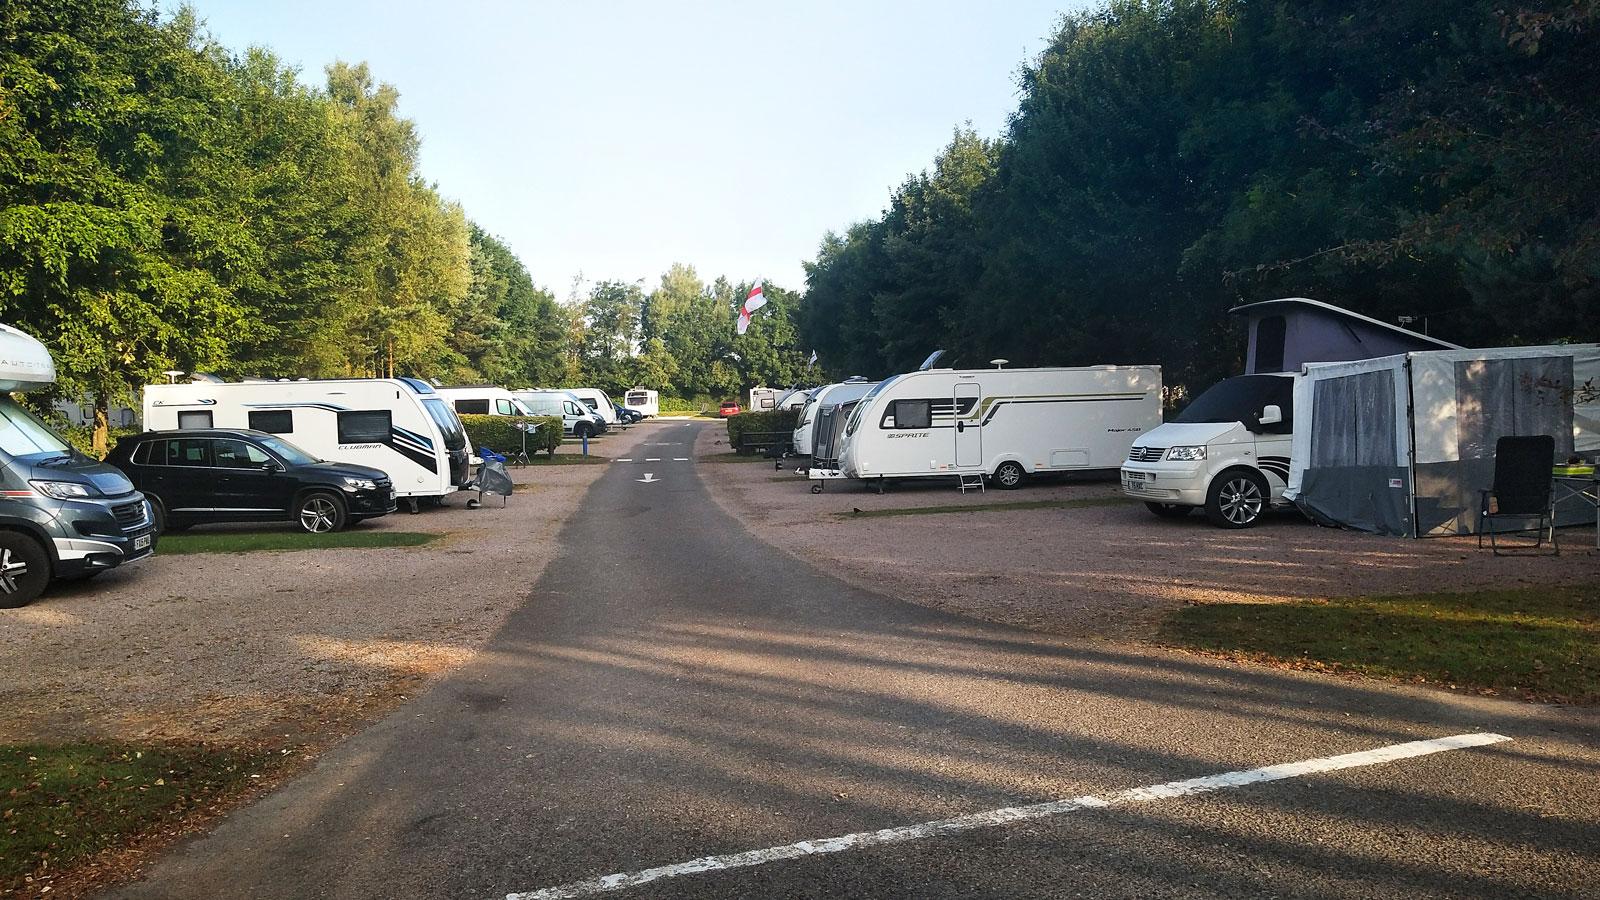 Underlagen på campingen varierar. På vissa ställen står man på gräs och andra på grus. Kul att inspektera alla engelska fordon.